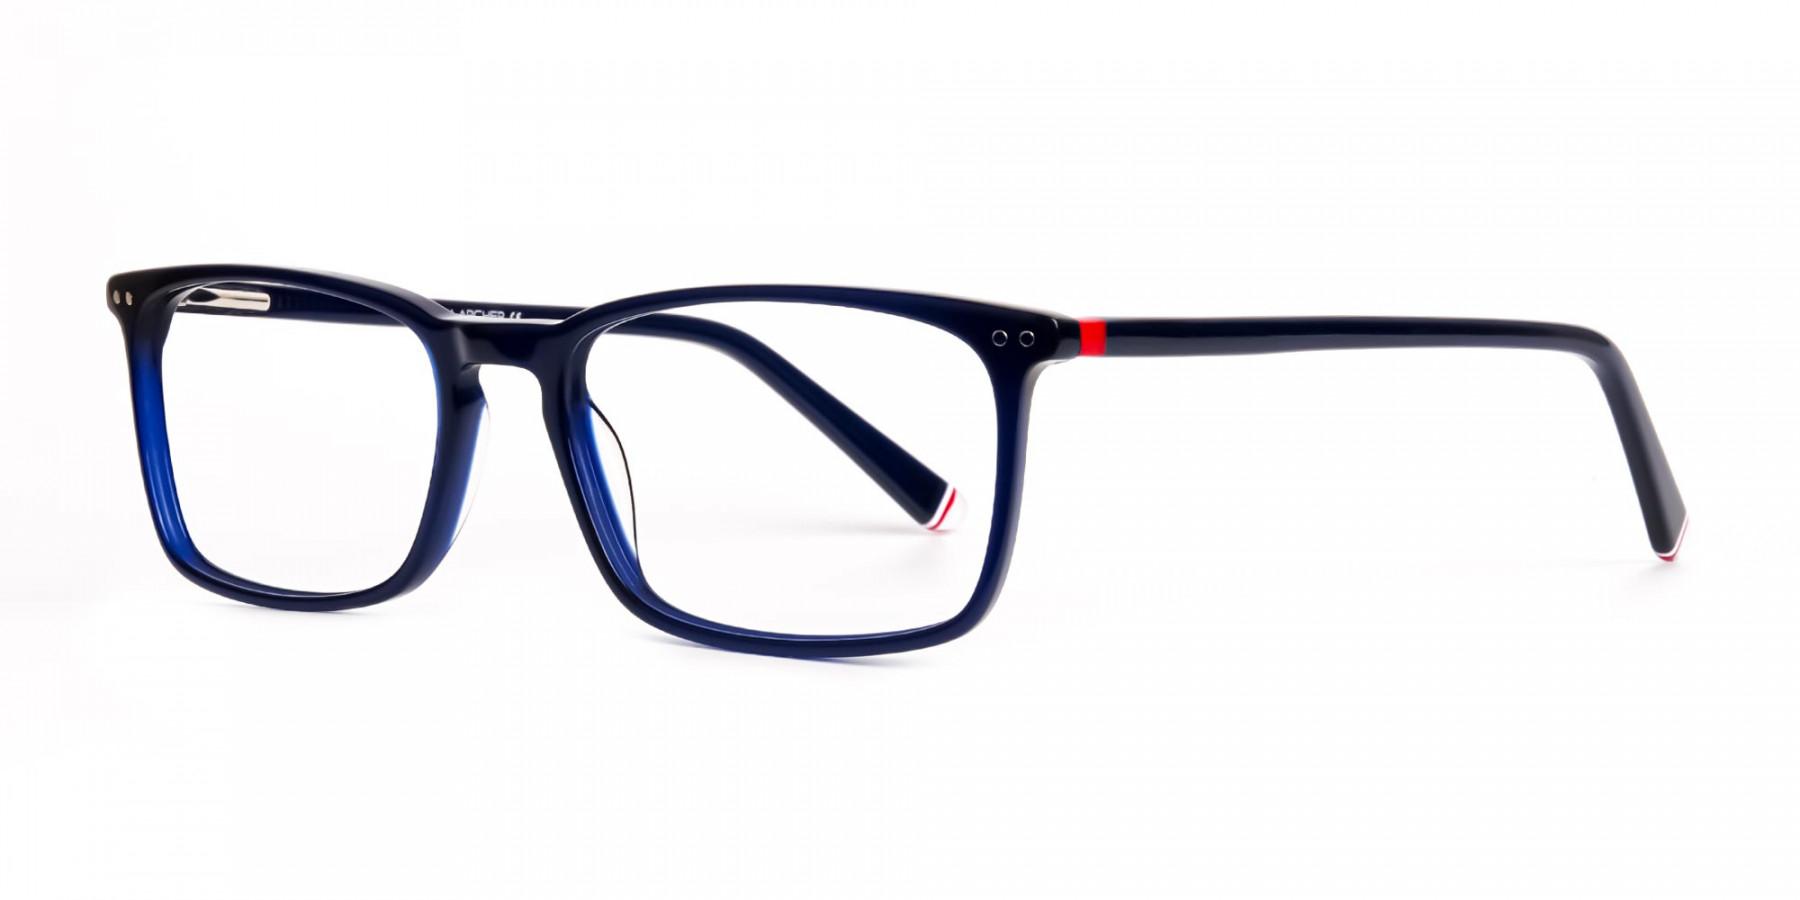 blue-glasses-in-rectangular-shape-frames-1